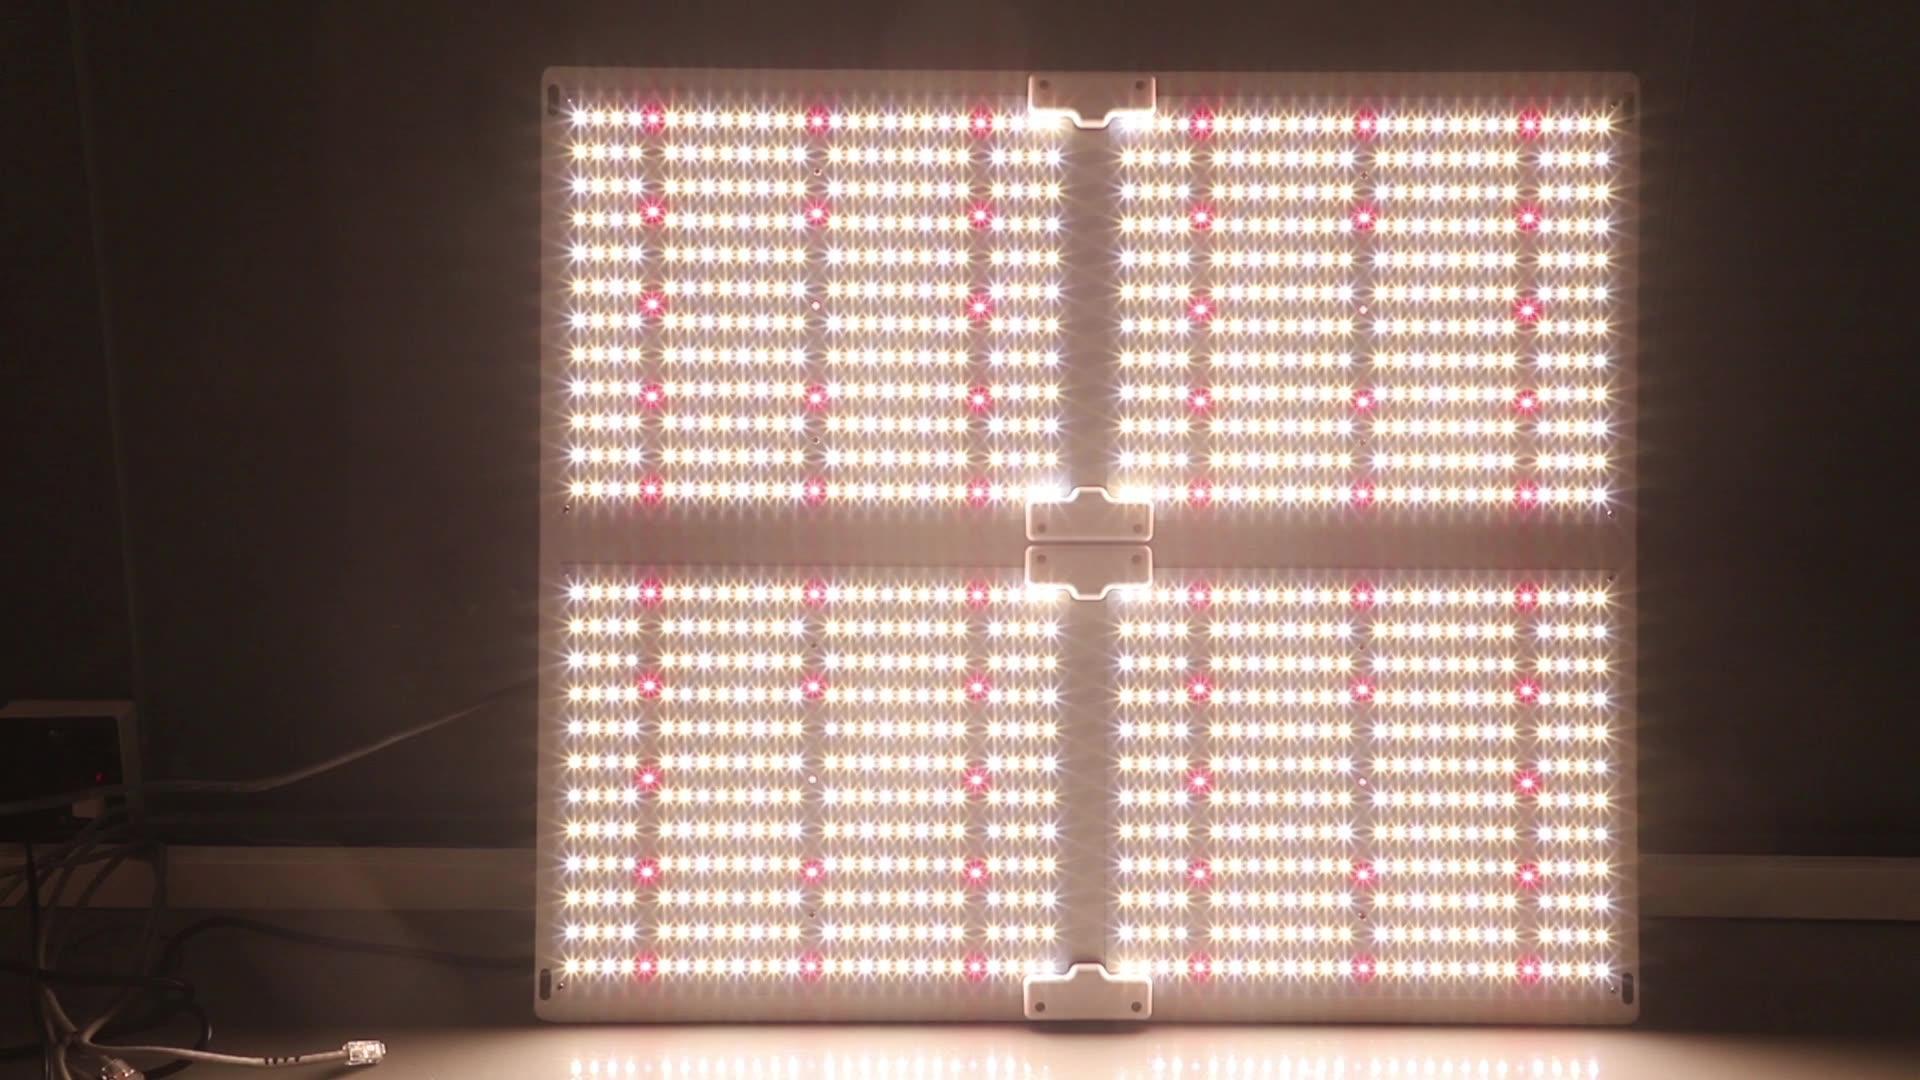 एक निविड़ अंधकार 450w सैमसंग क्वांटम LM301B LM301H 4000 480 w बोर्ड स्पाइडर खेत sf4000 450 480 वाट बढ़ने का नेतृत्व किया प्रकाश इनडोर पौधों के लिए